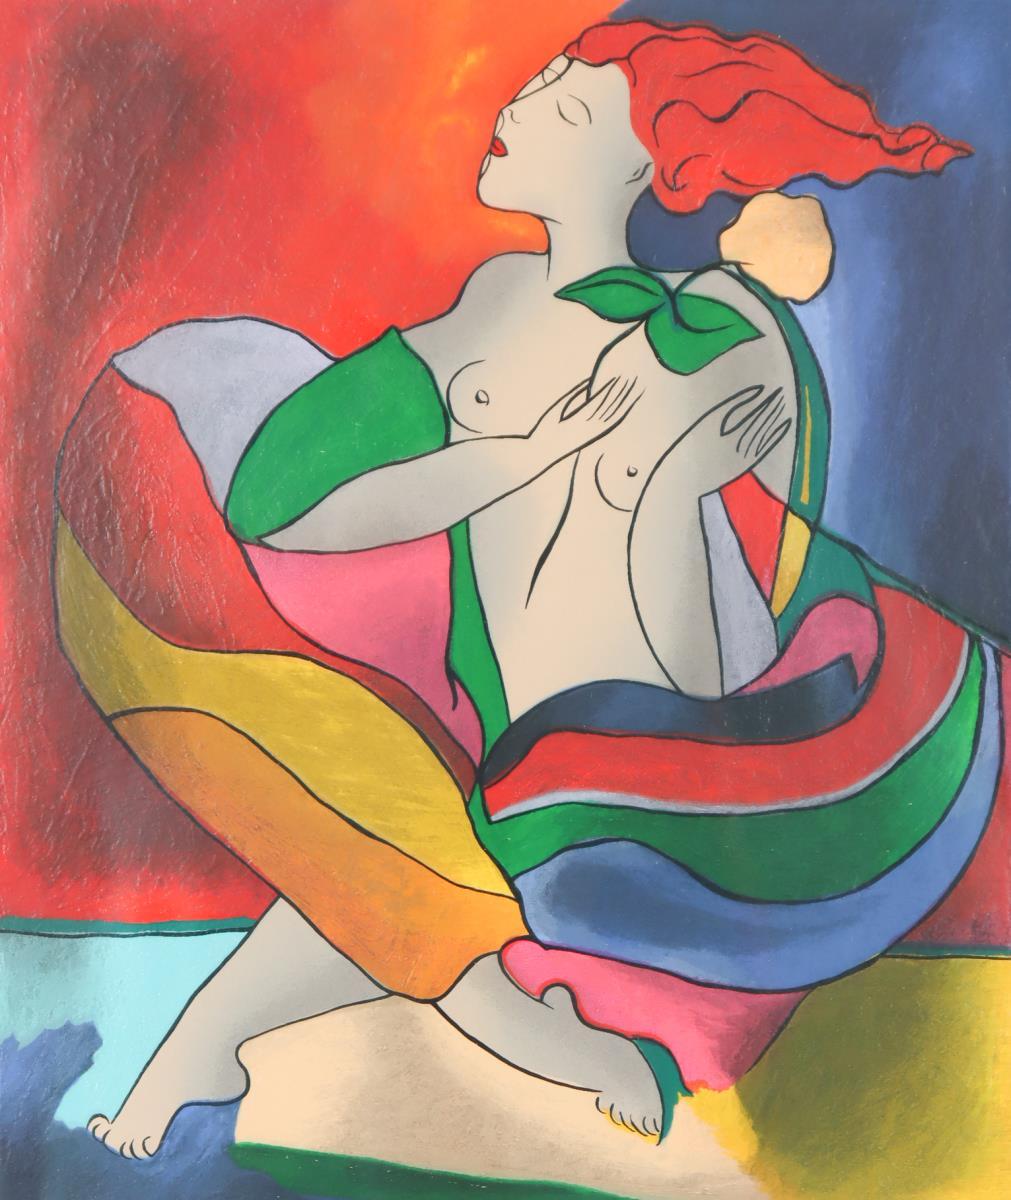 Linda Le Kinff (Born 1949) - Image 3 of 4